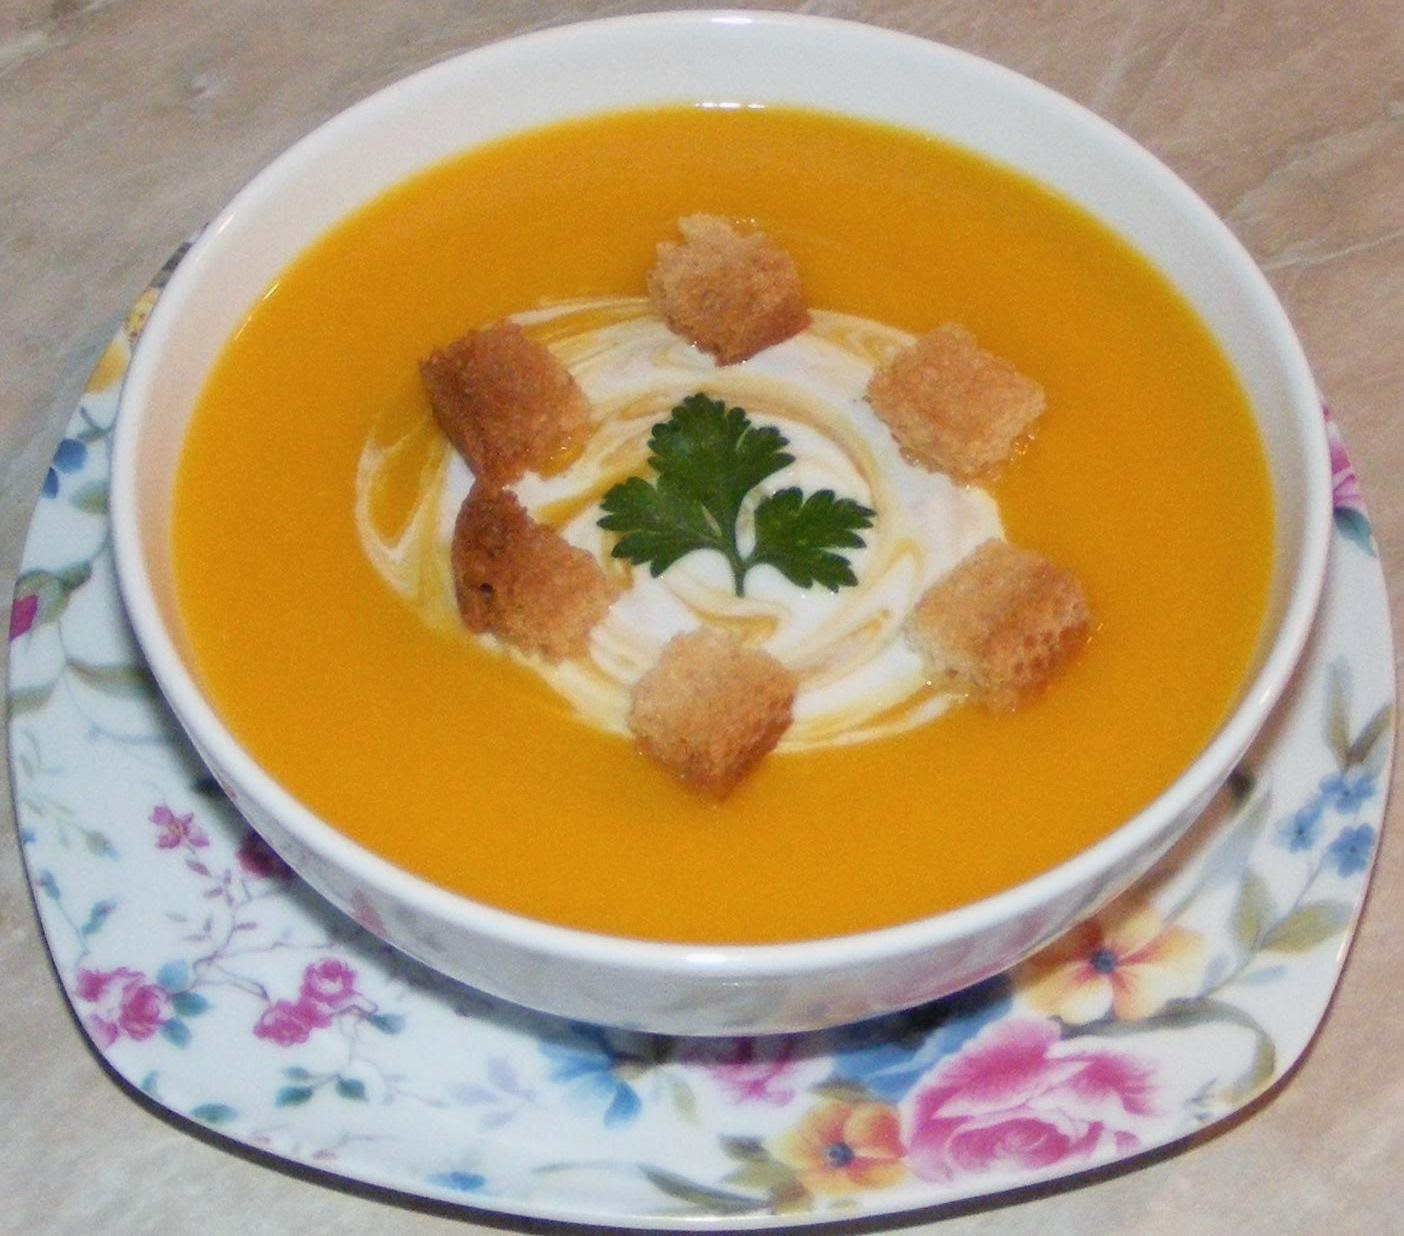 supa crema de dovleac, supa crema de legume, retete de mancare, retete culinare, supa de dovleac, supe creme, supa crema, retete cu dovleac, reteta supa crema, supa crema de dovleac galben, supa crema de dovleac cu smantana, supa crema de dovleac placintar, mananca sanatos, preparate din dovleac, cure, diete,